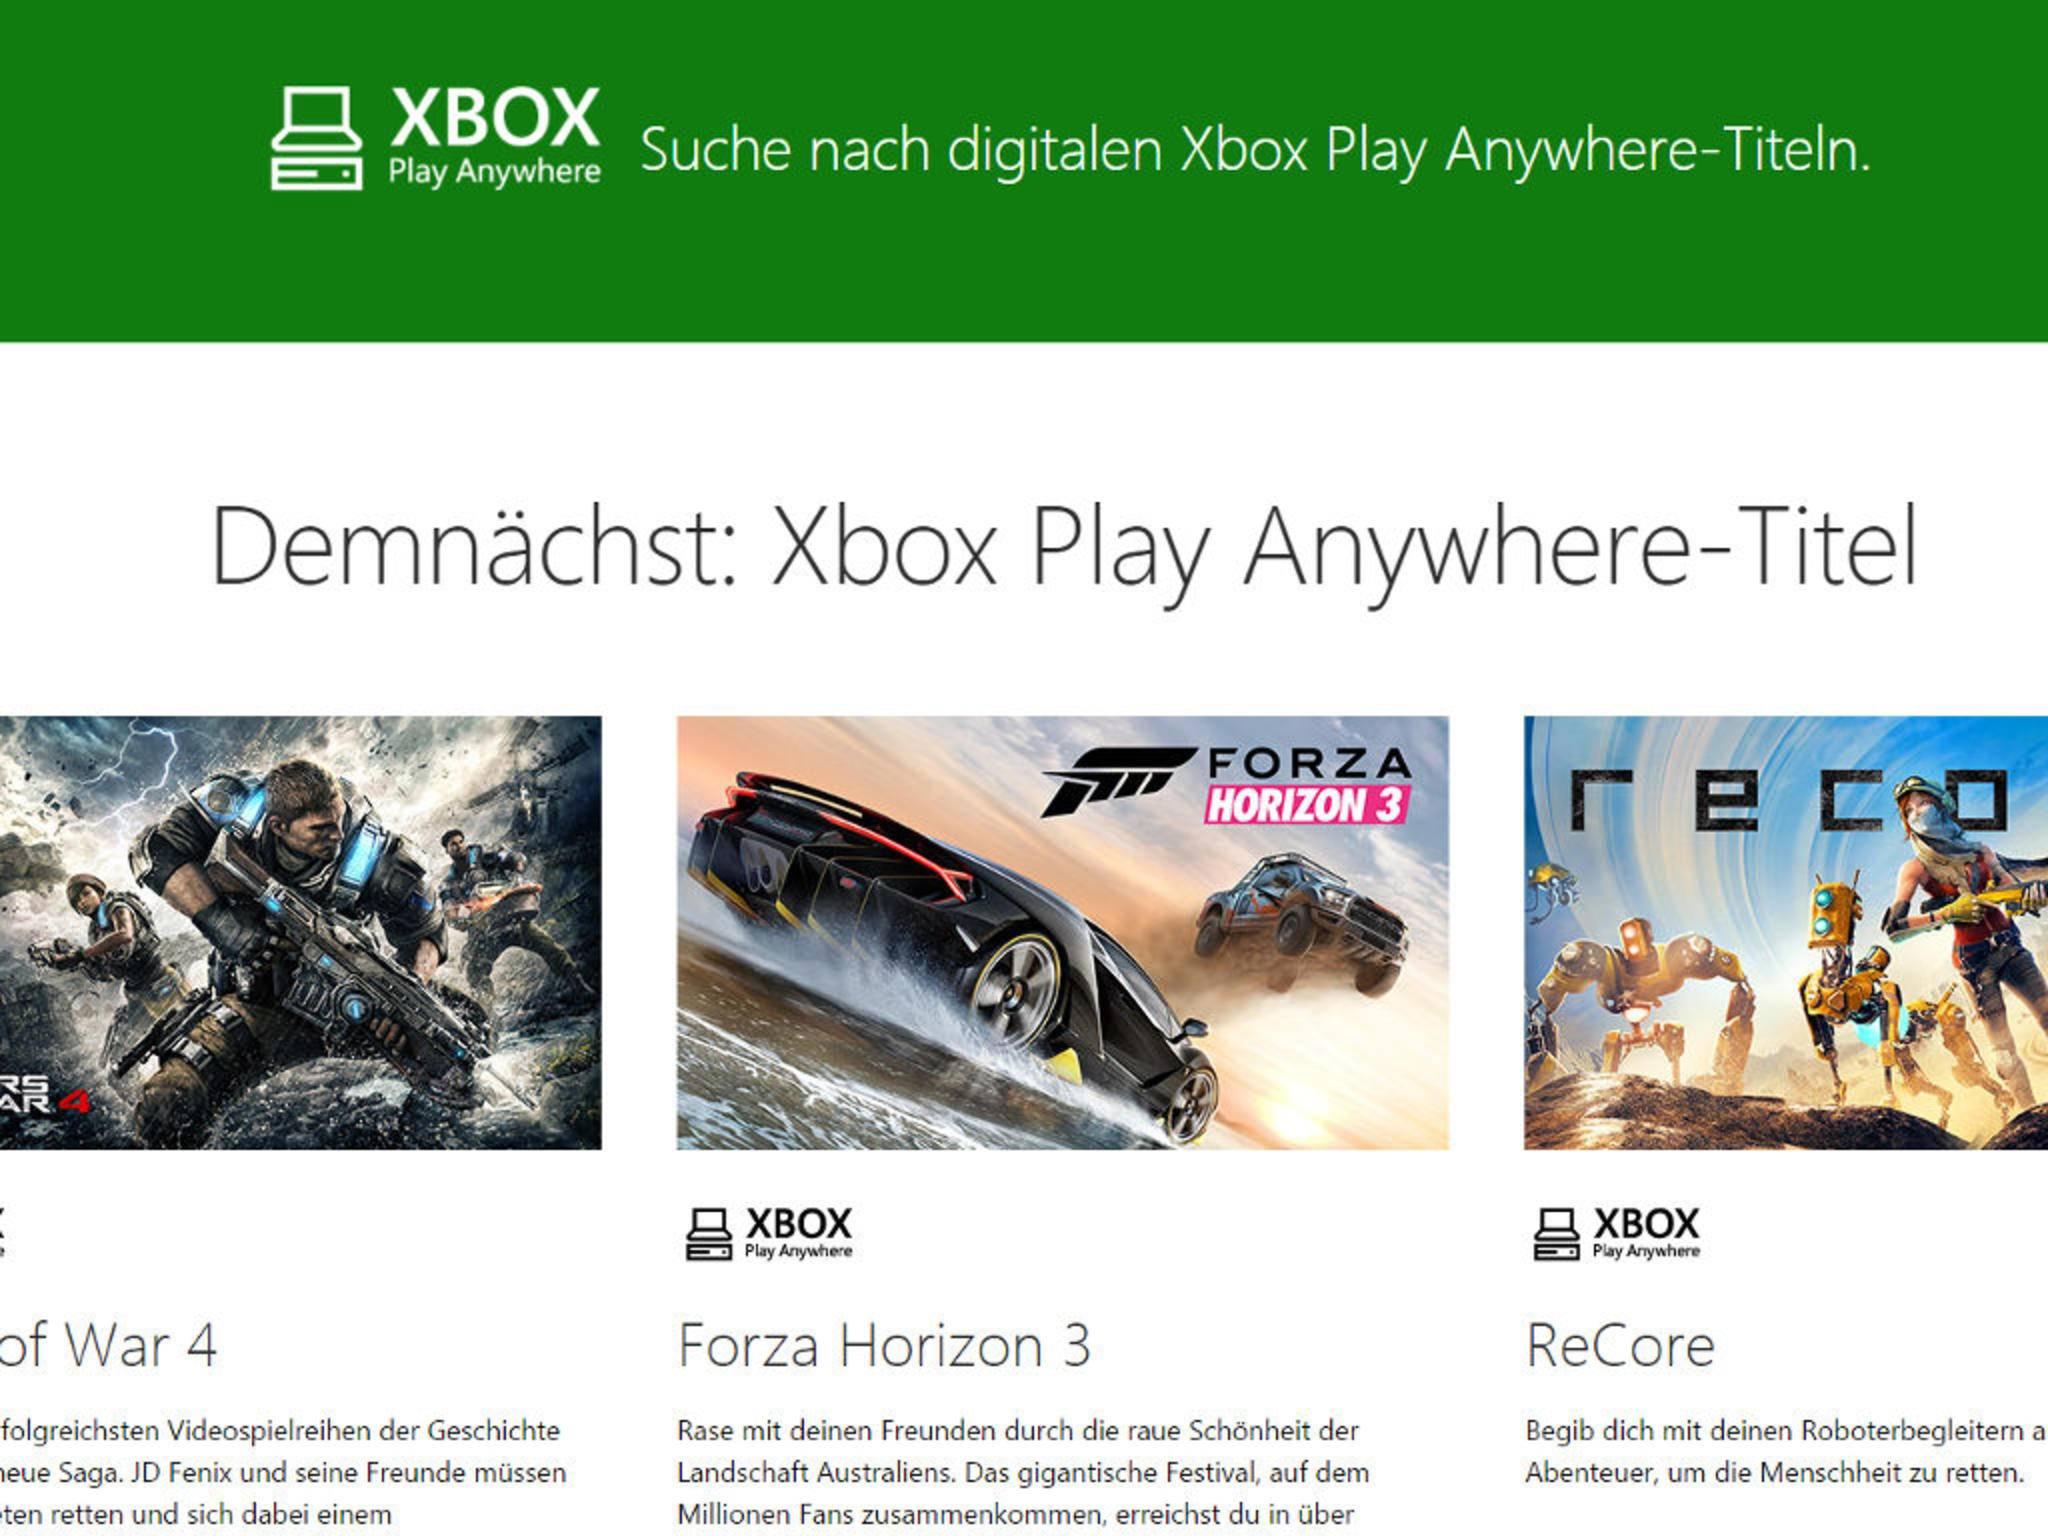 Games mit dem Play Anywhere-Symbol können sowohl auf Xbox als auch auf PC gespielt werden.